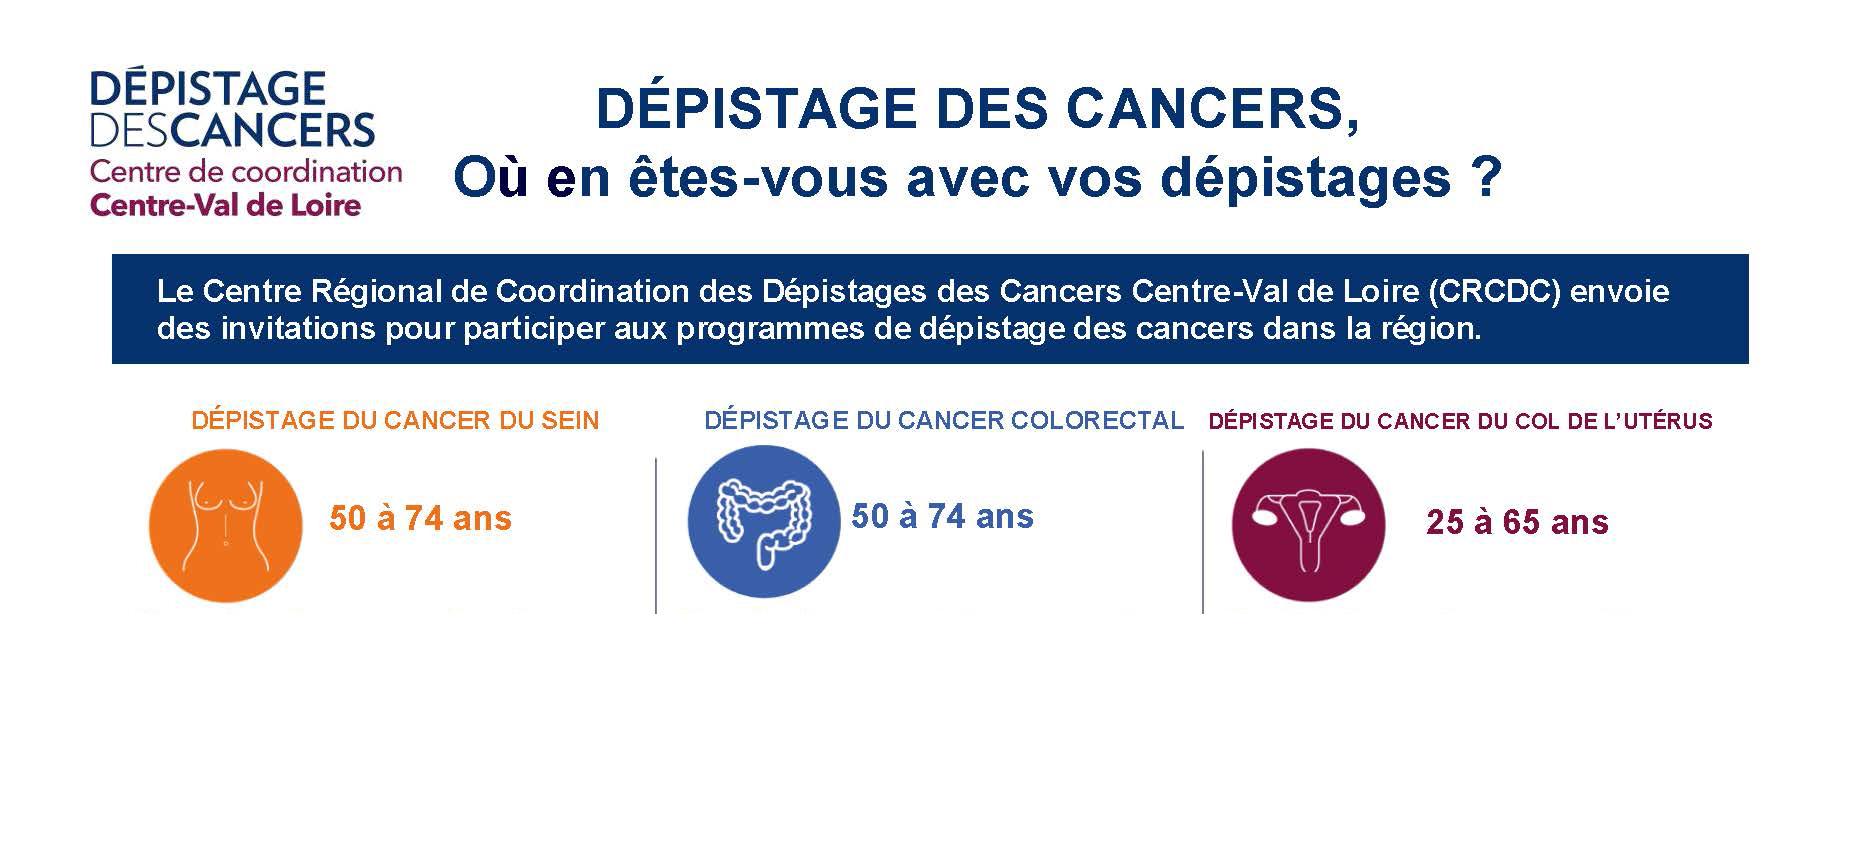 DEPISTAGE DES CANCERS